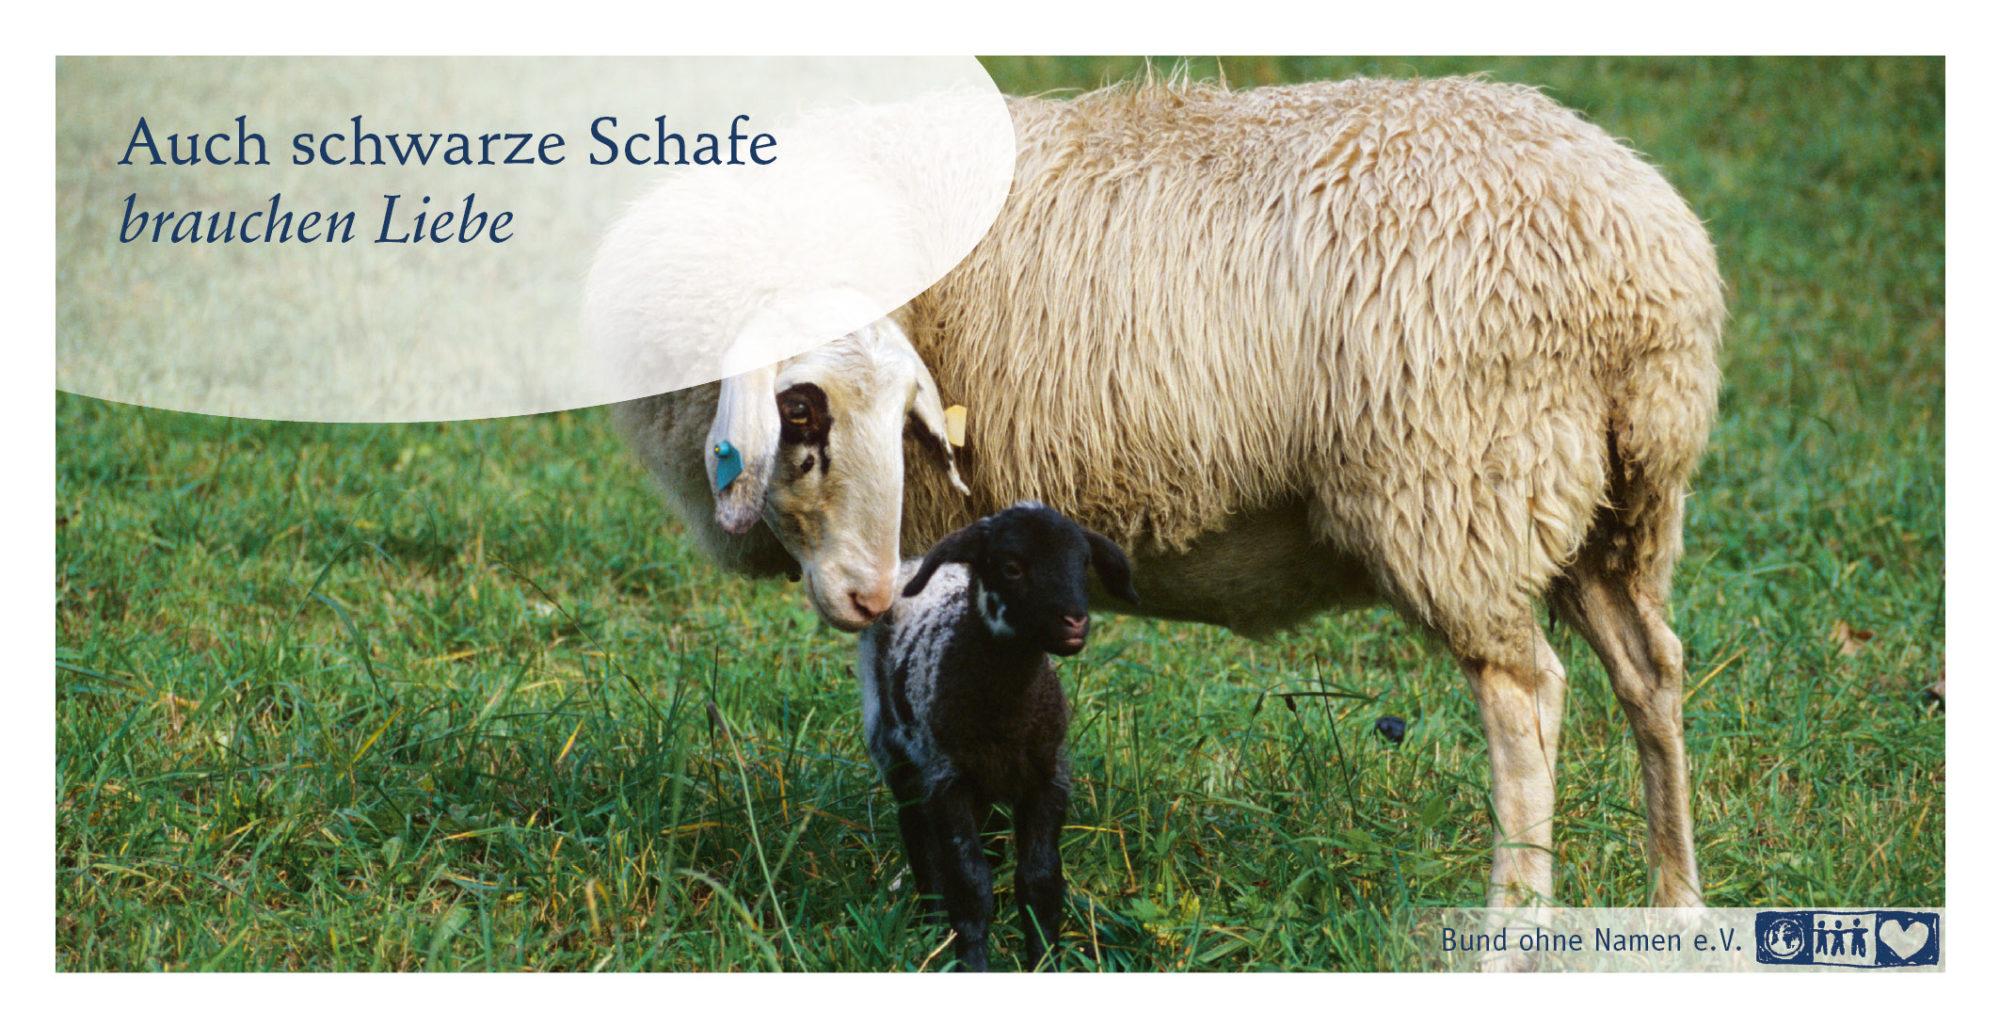 Auch schwarze Schafe brauchen Liebe